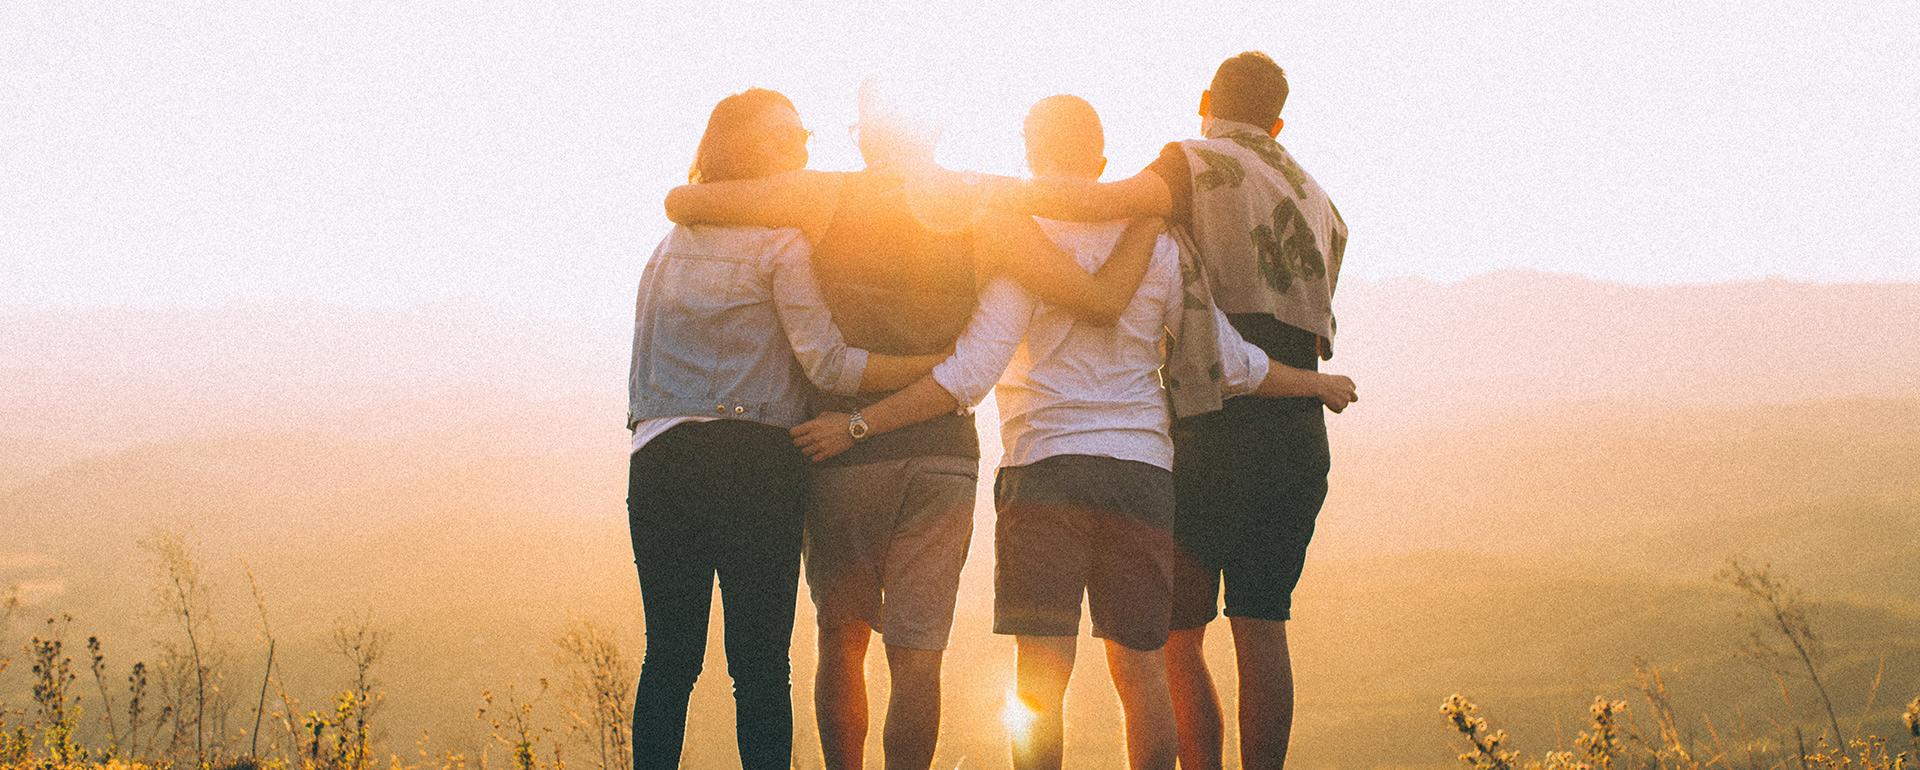 https://giovanisi.it/2019/07/08/giovani-protagonisti-per-le-comunita-locali-i-progetti-vincitori/